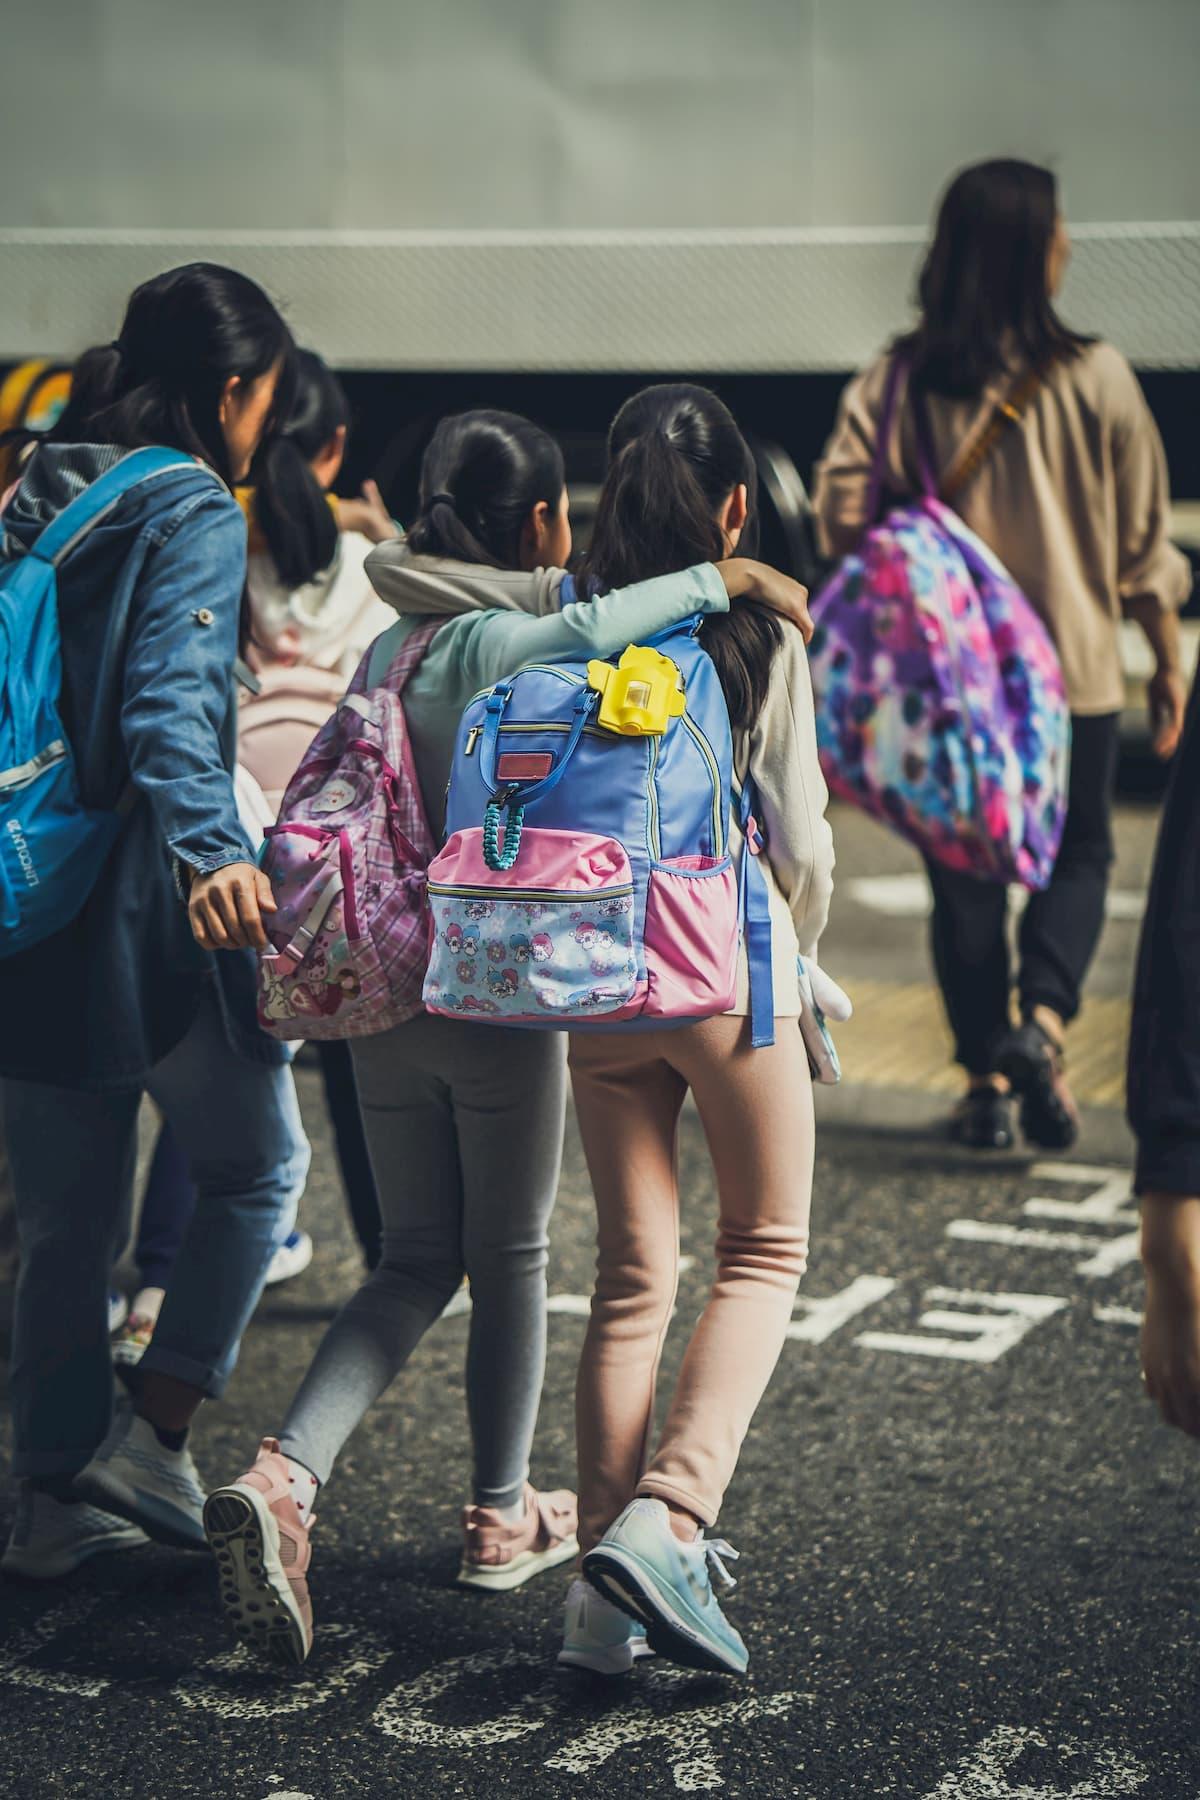 タオバオが中国のオンライン教育市場に参入